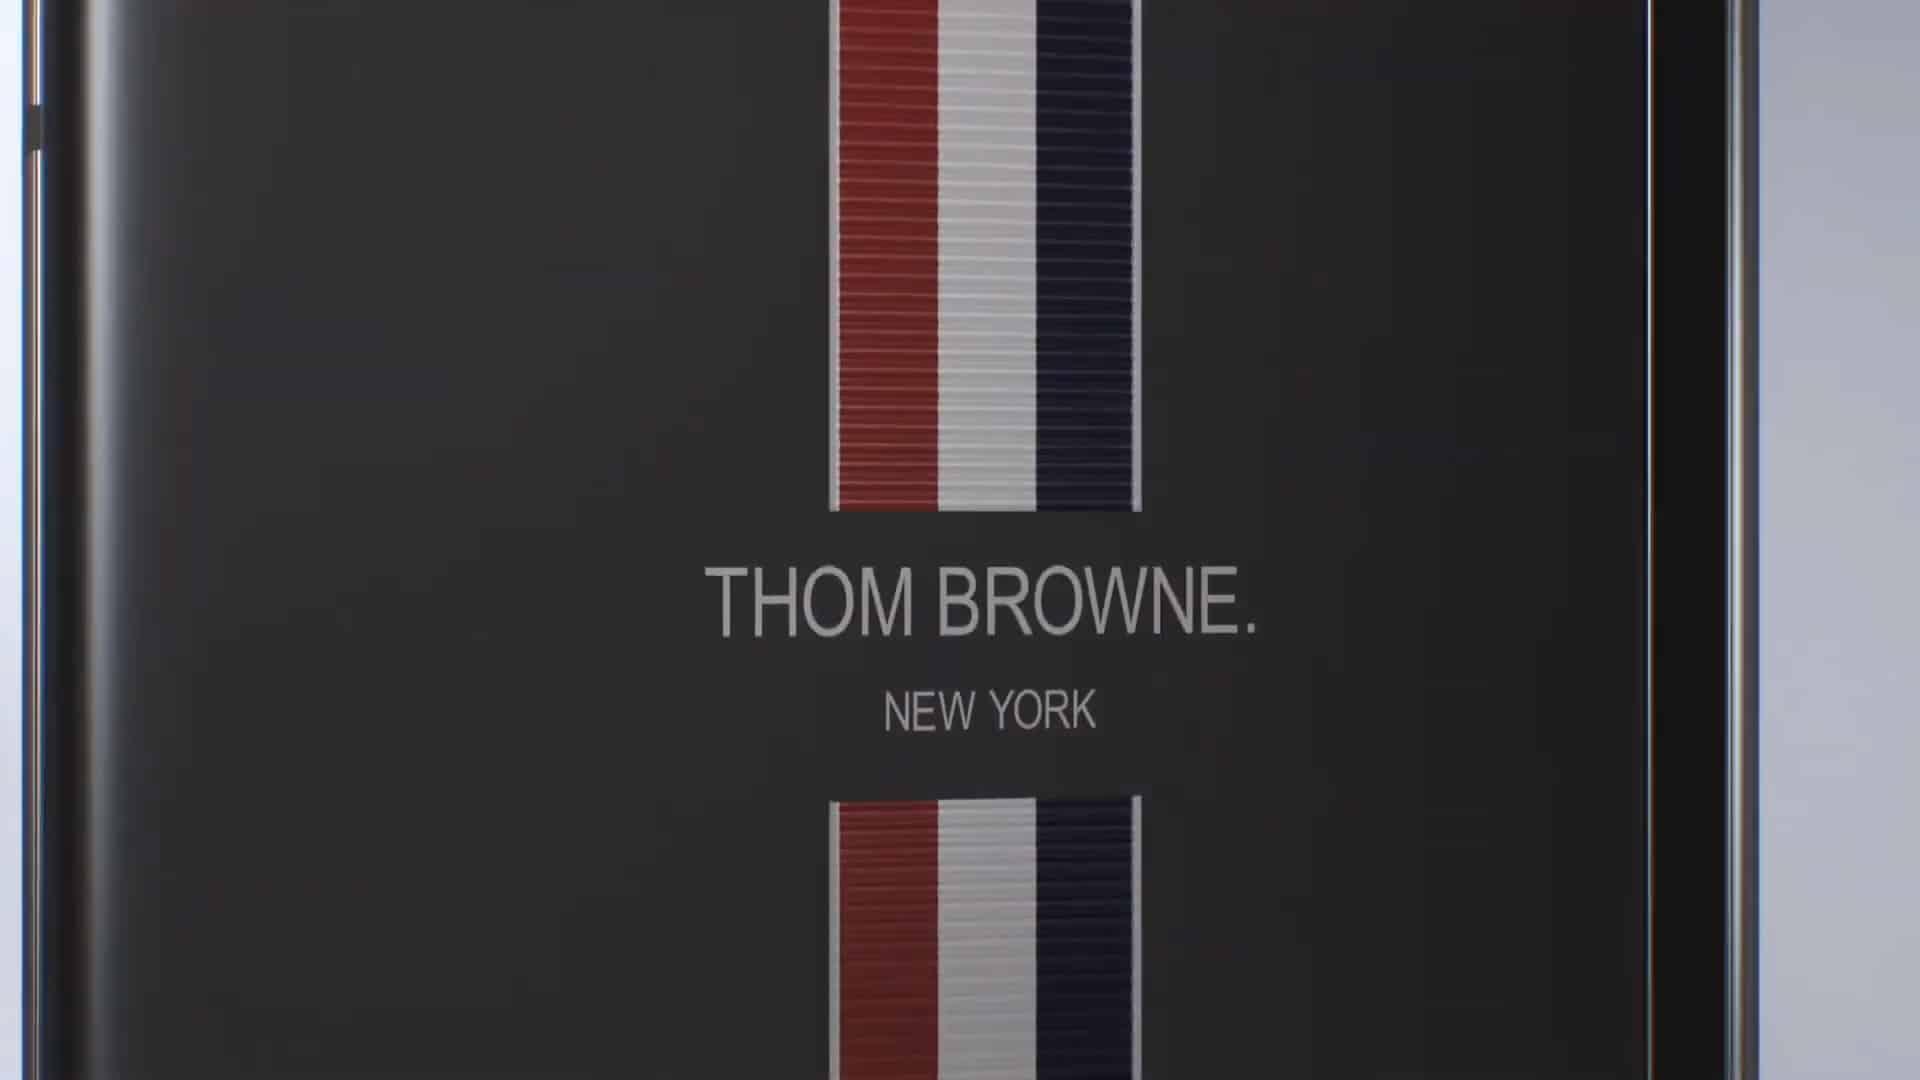 Samsung Galaxy Z Fold 2 Thom Browne Edition 8